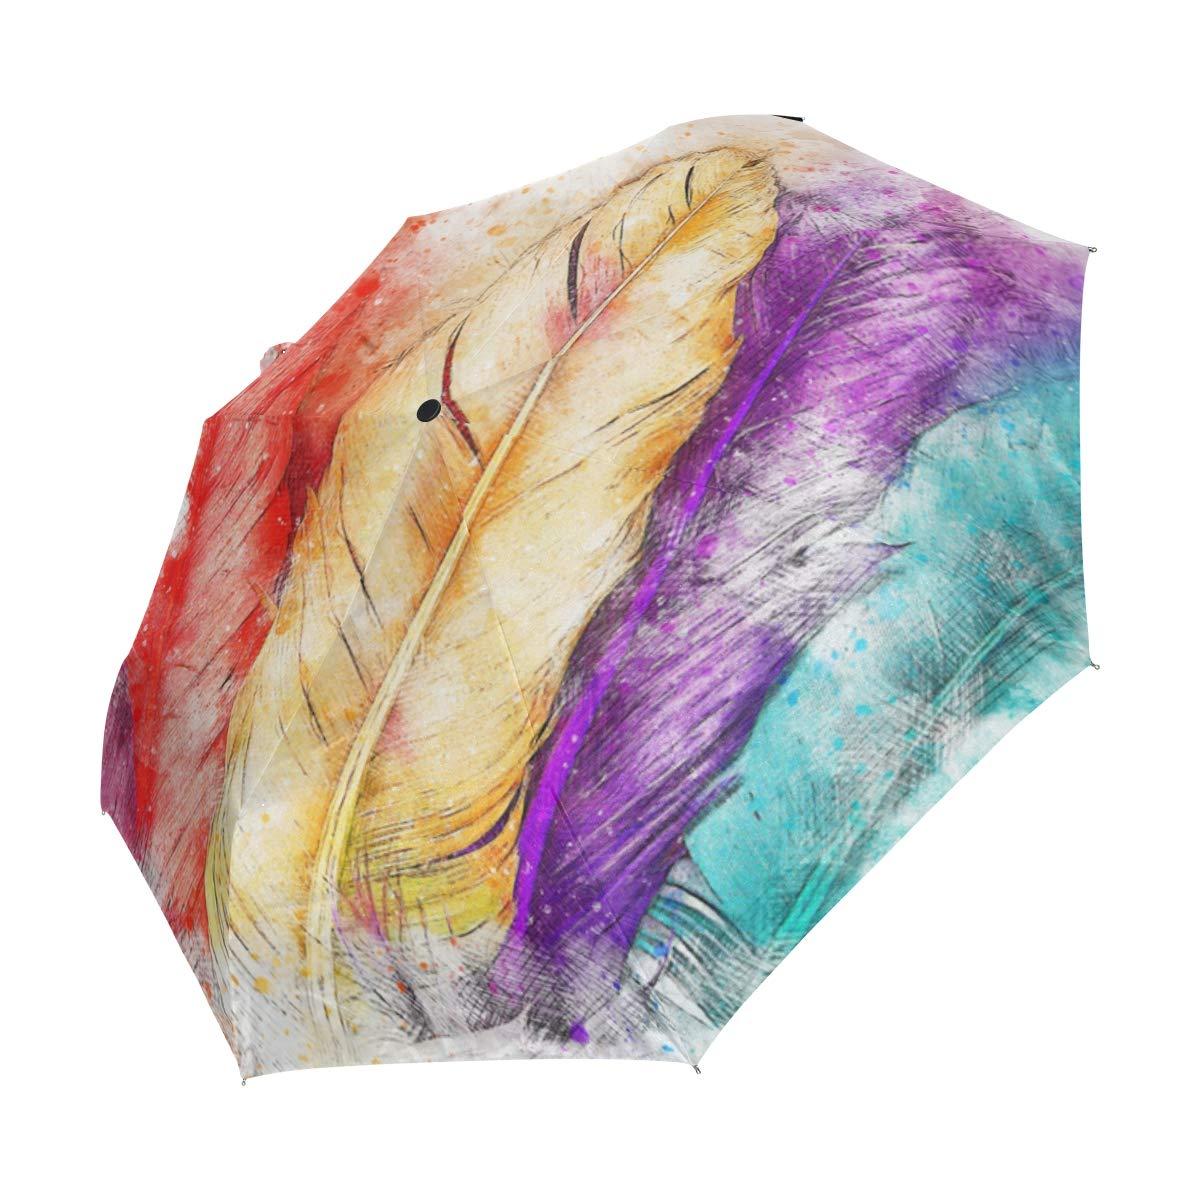 ff5601d2c9ef Amazon.com : LUCASE LEMON ALEX Colorful Feather Compact Travel ...